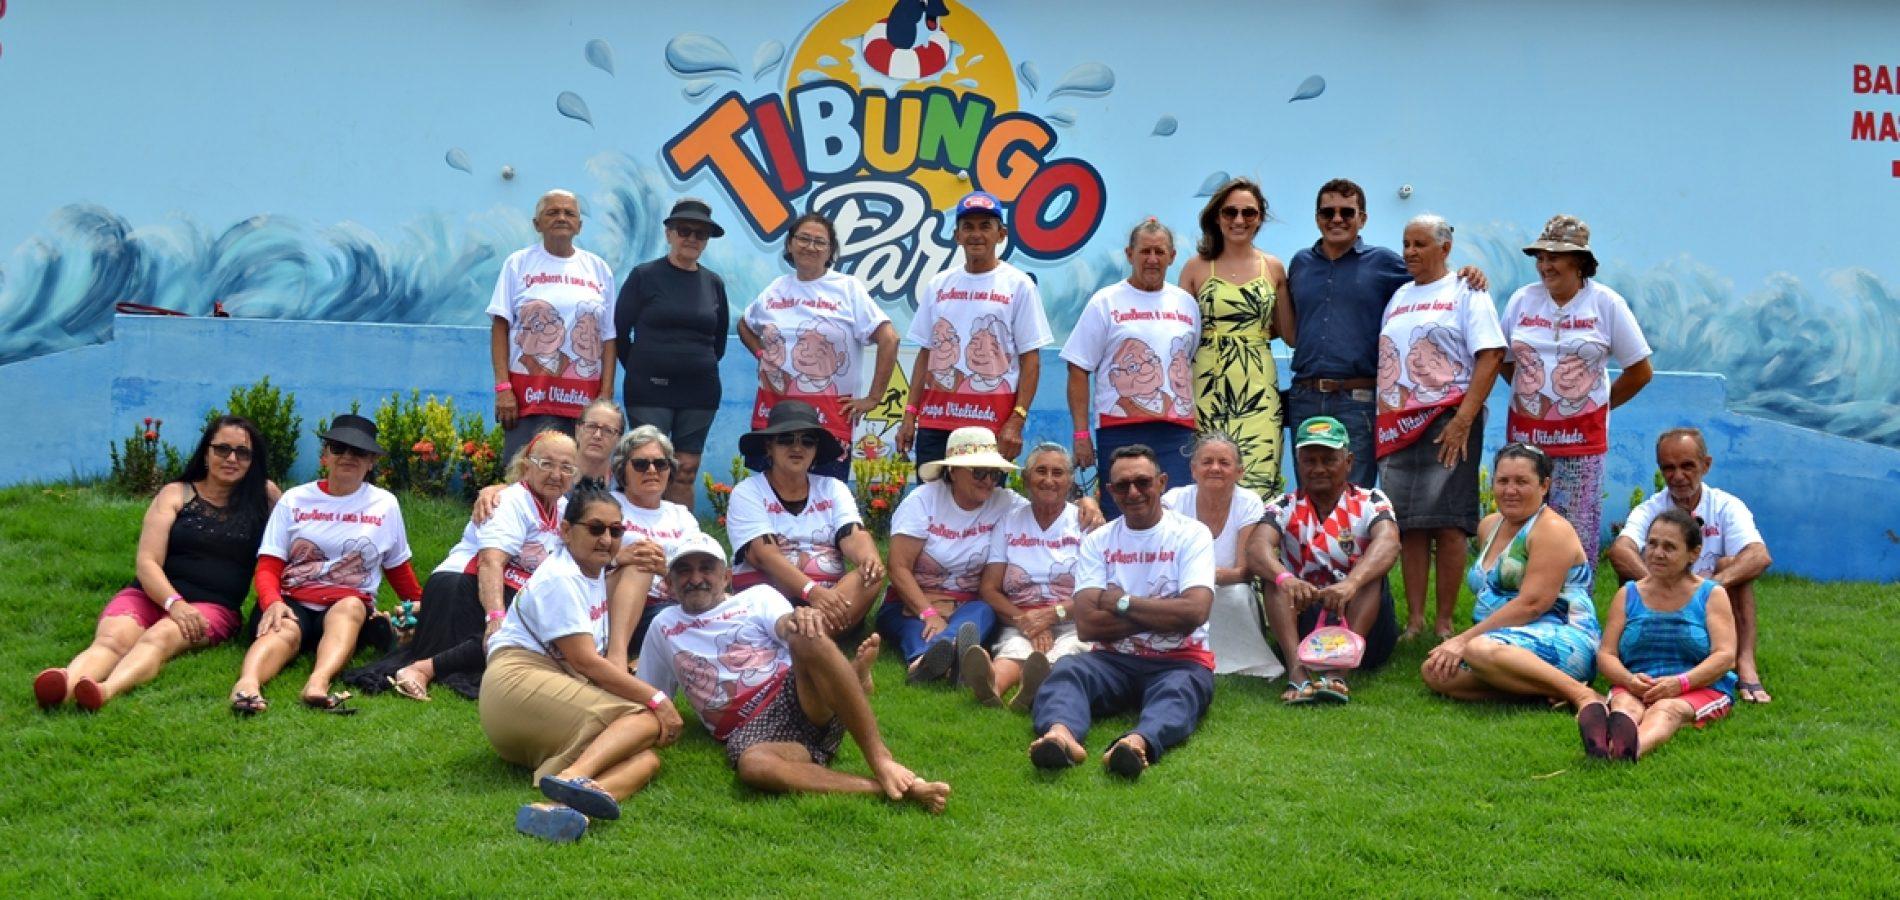 Social de Campo Grande do Piauí promove dia de lazer para grupo de idosos no Tibungo Park